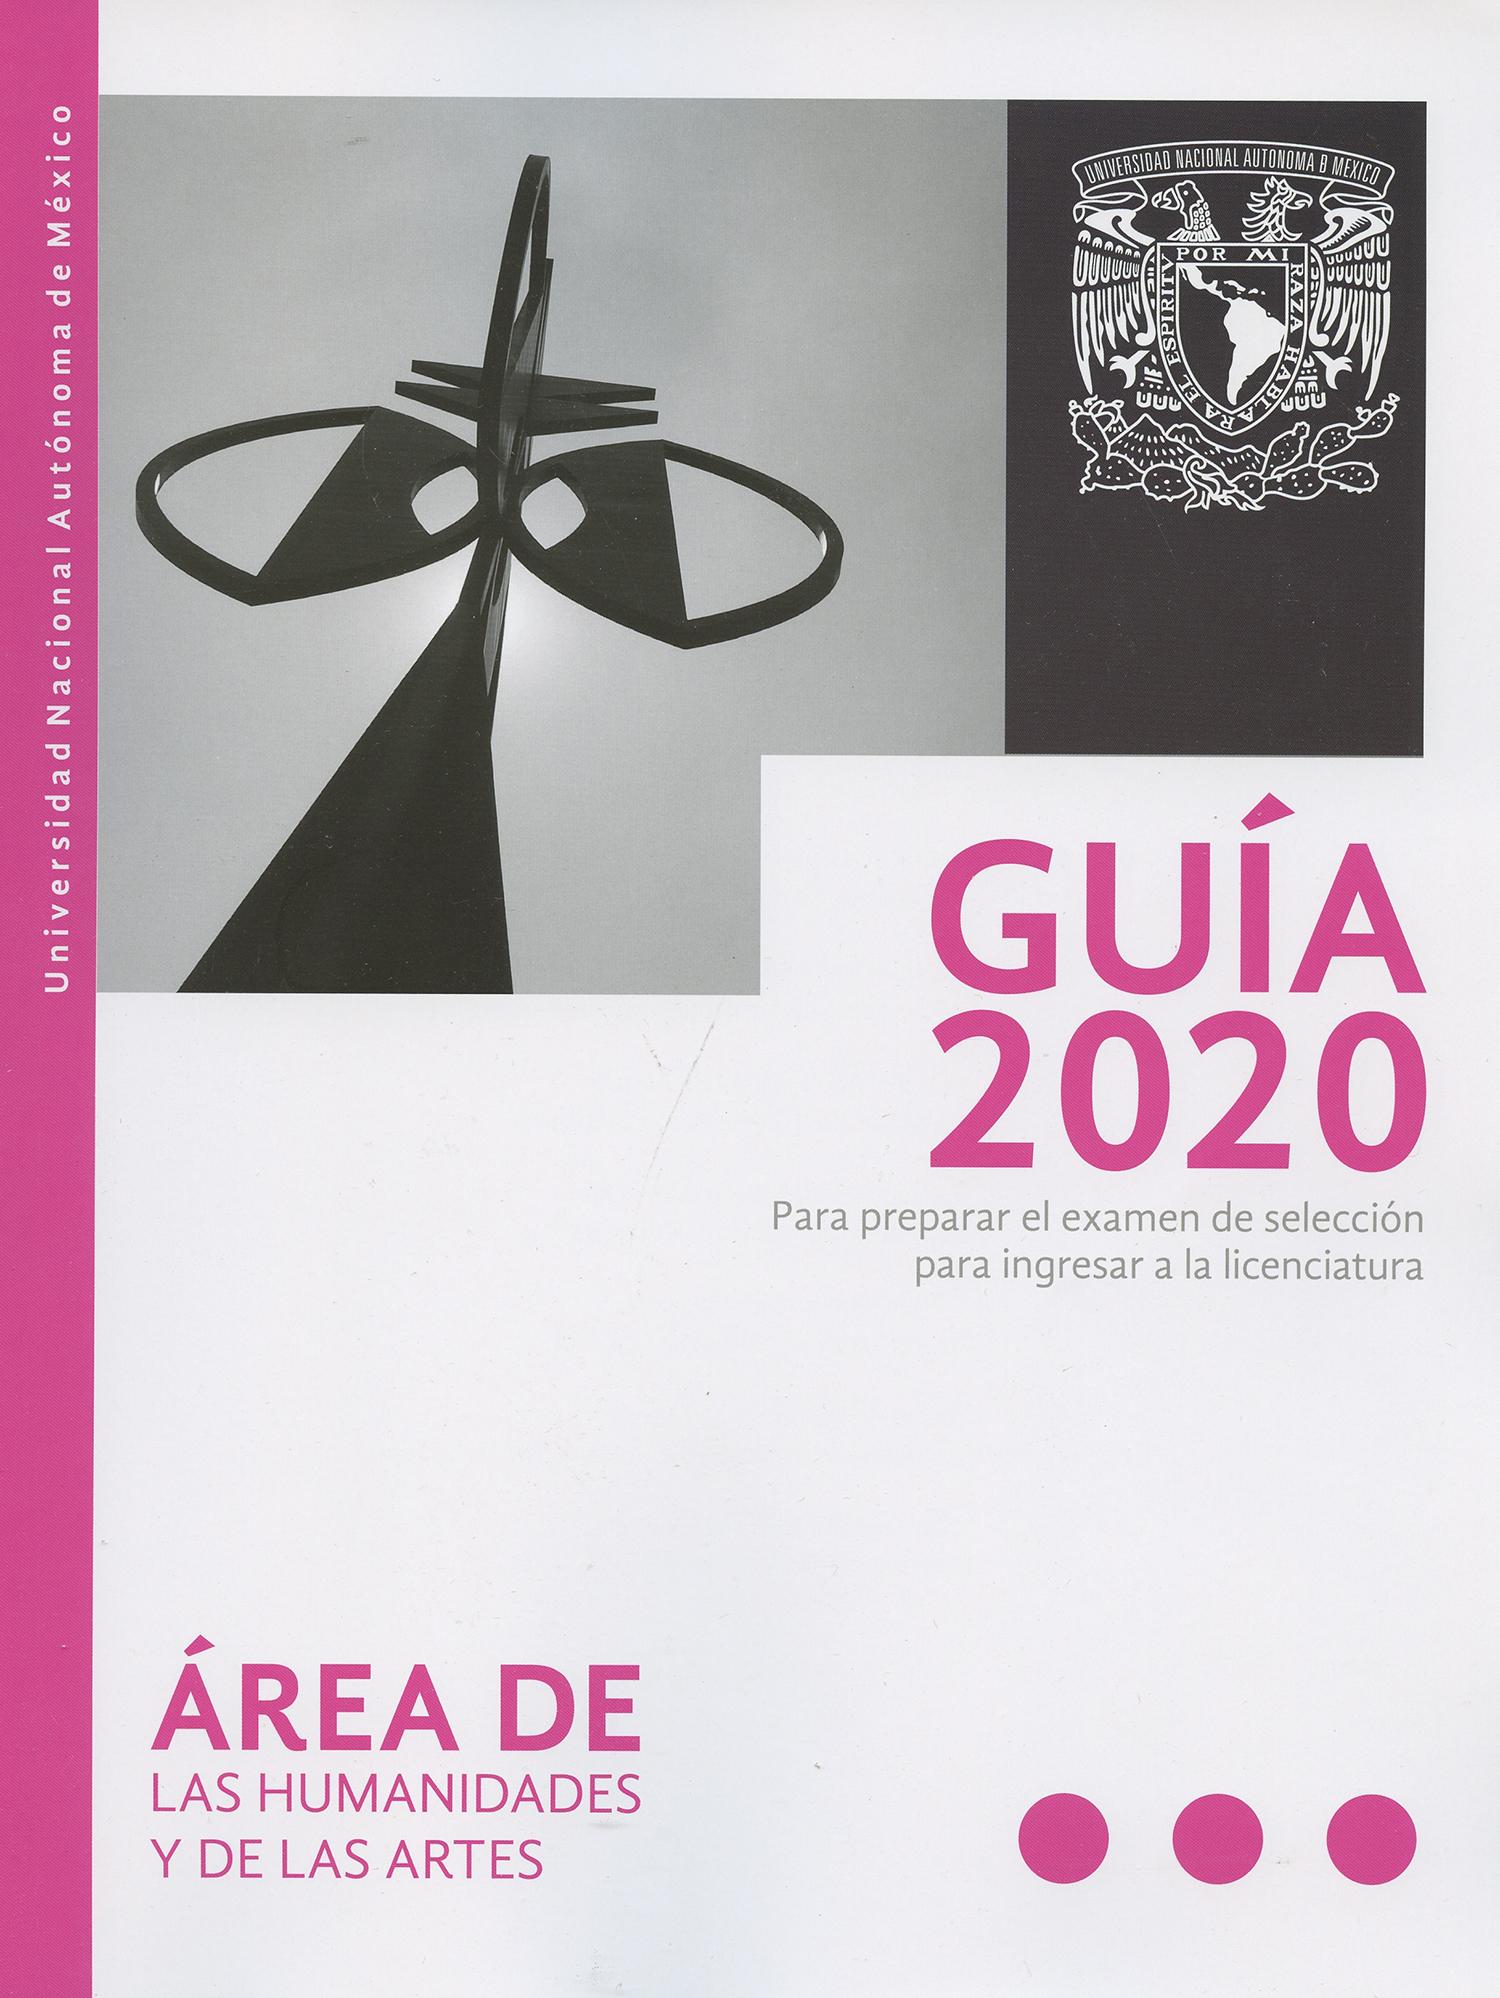 Guía 2020 para preparar el examen de selección de la licenciatura en humanidades y artes